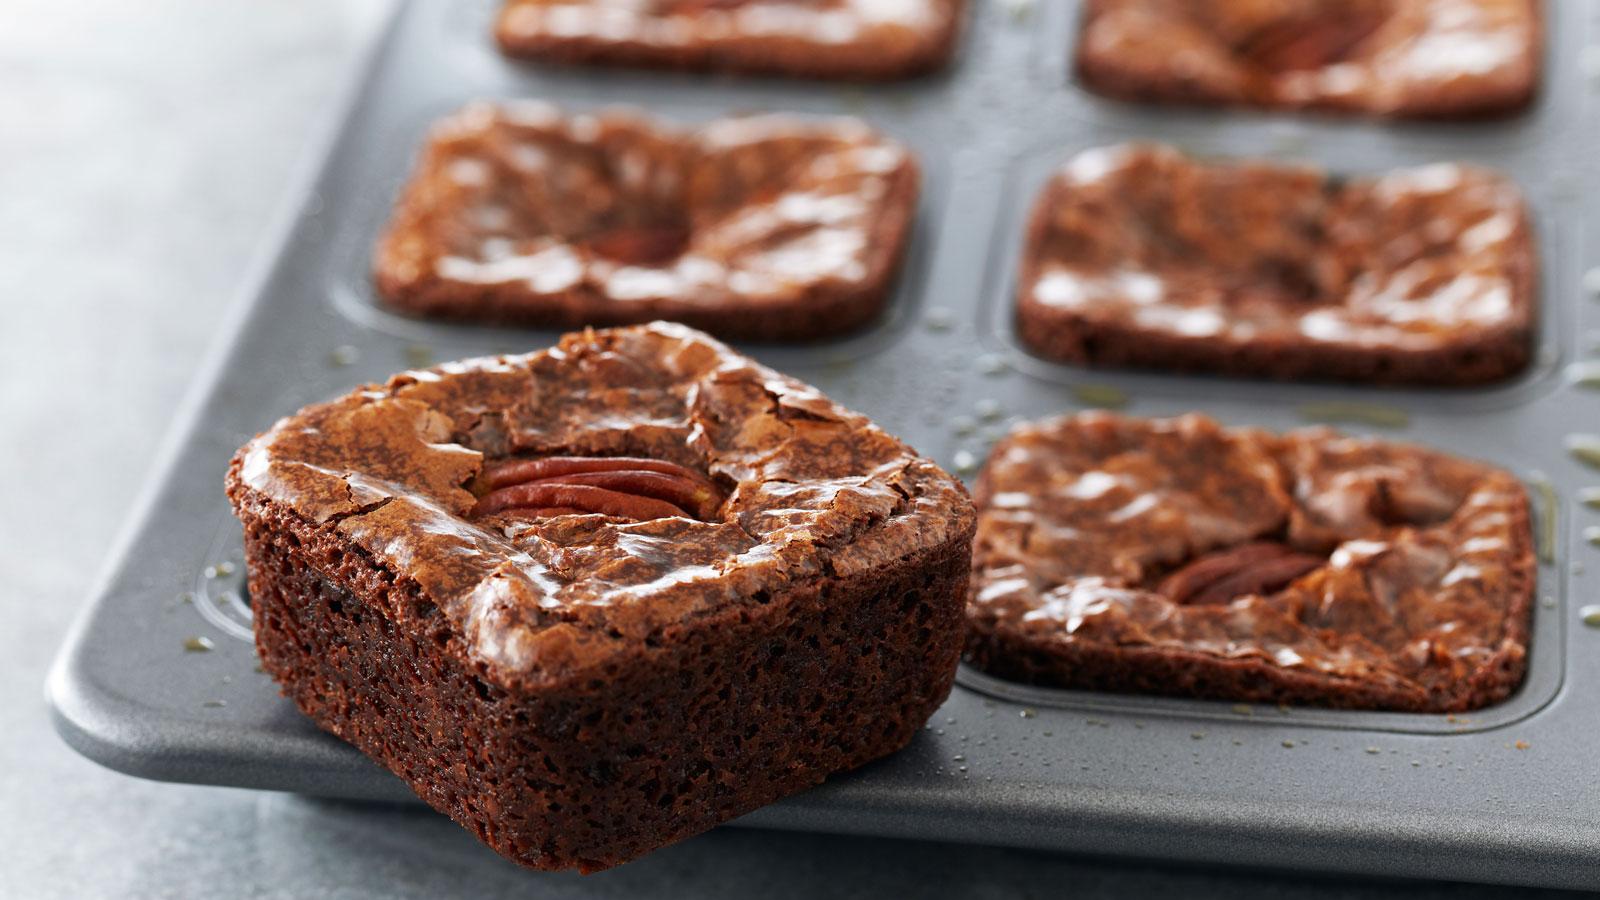 Chocolate Fudge Gluten Free Cake